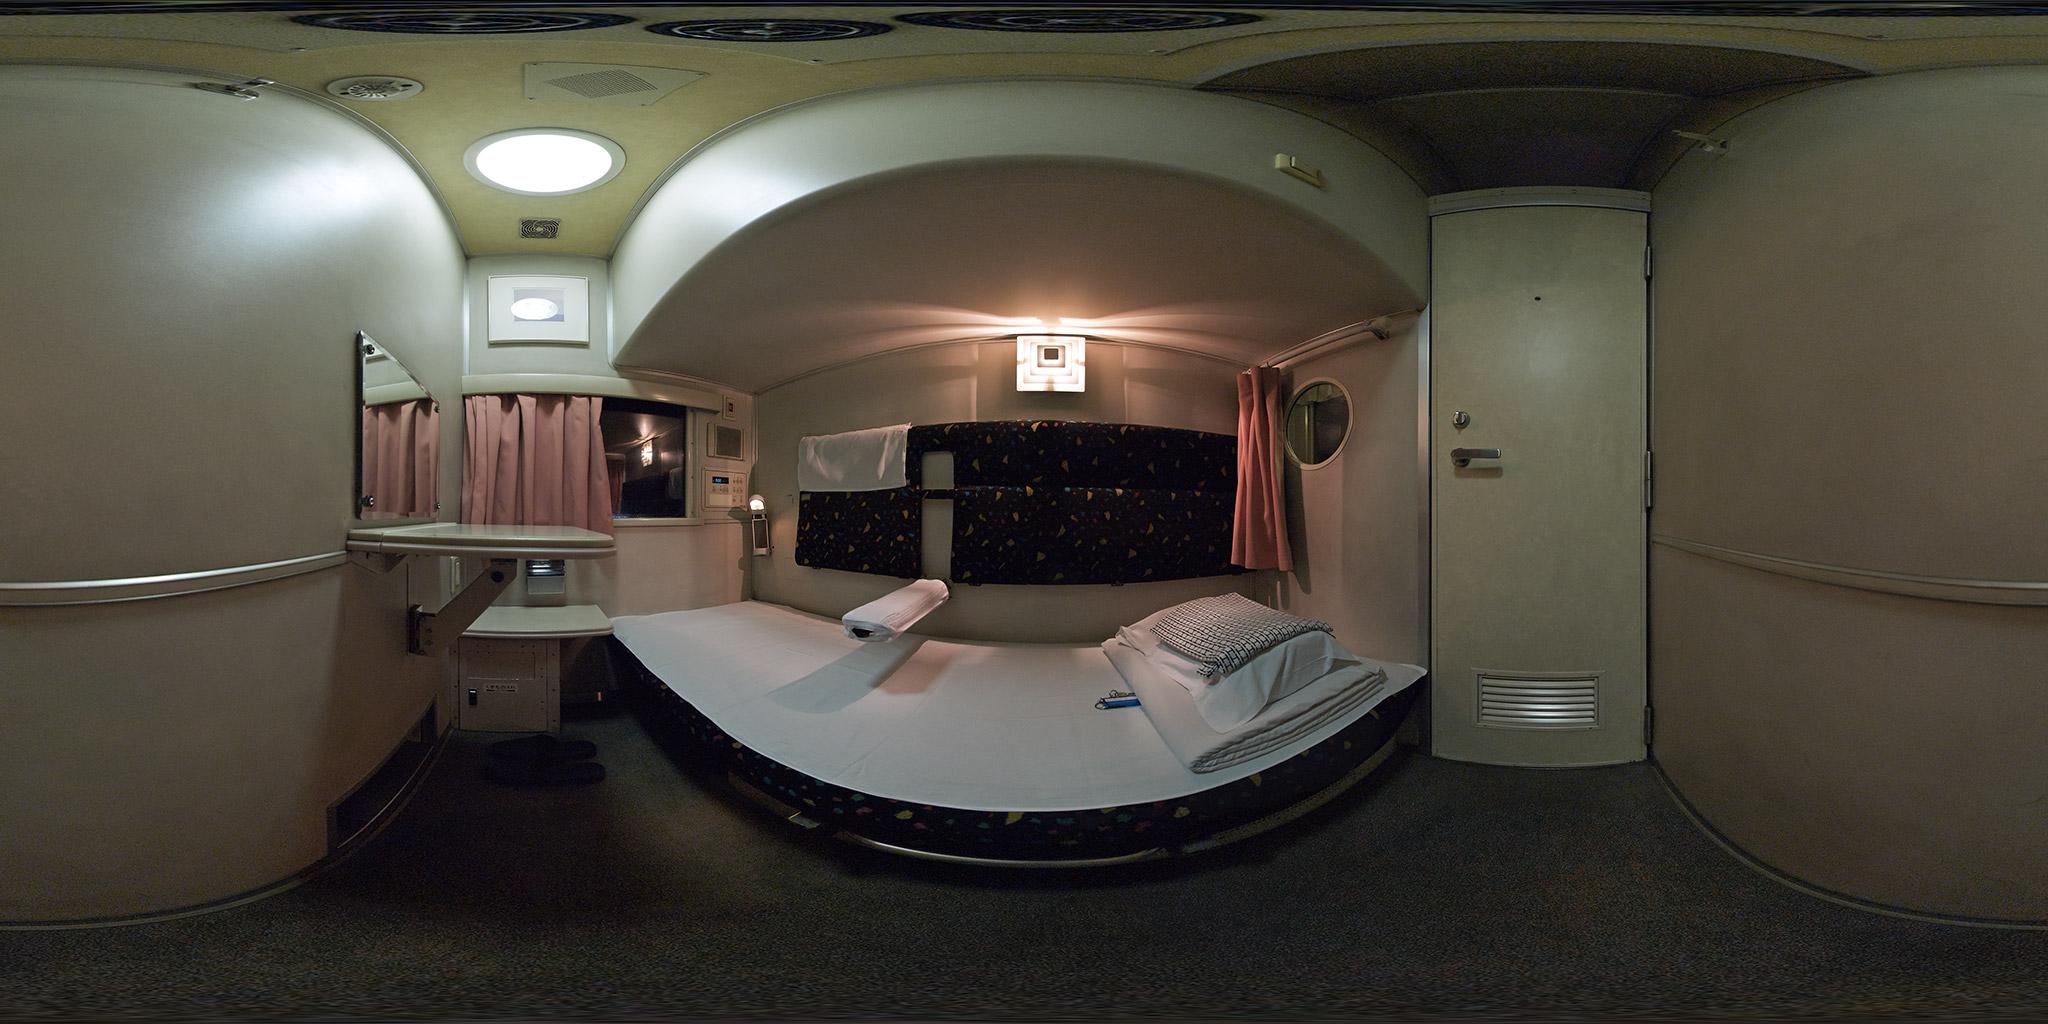 寝台特急「はやぶさ」ソロ(オハネ15-2002)車内のパノラマ